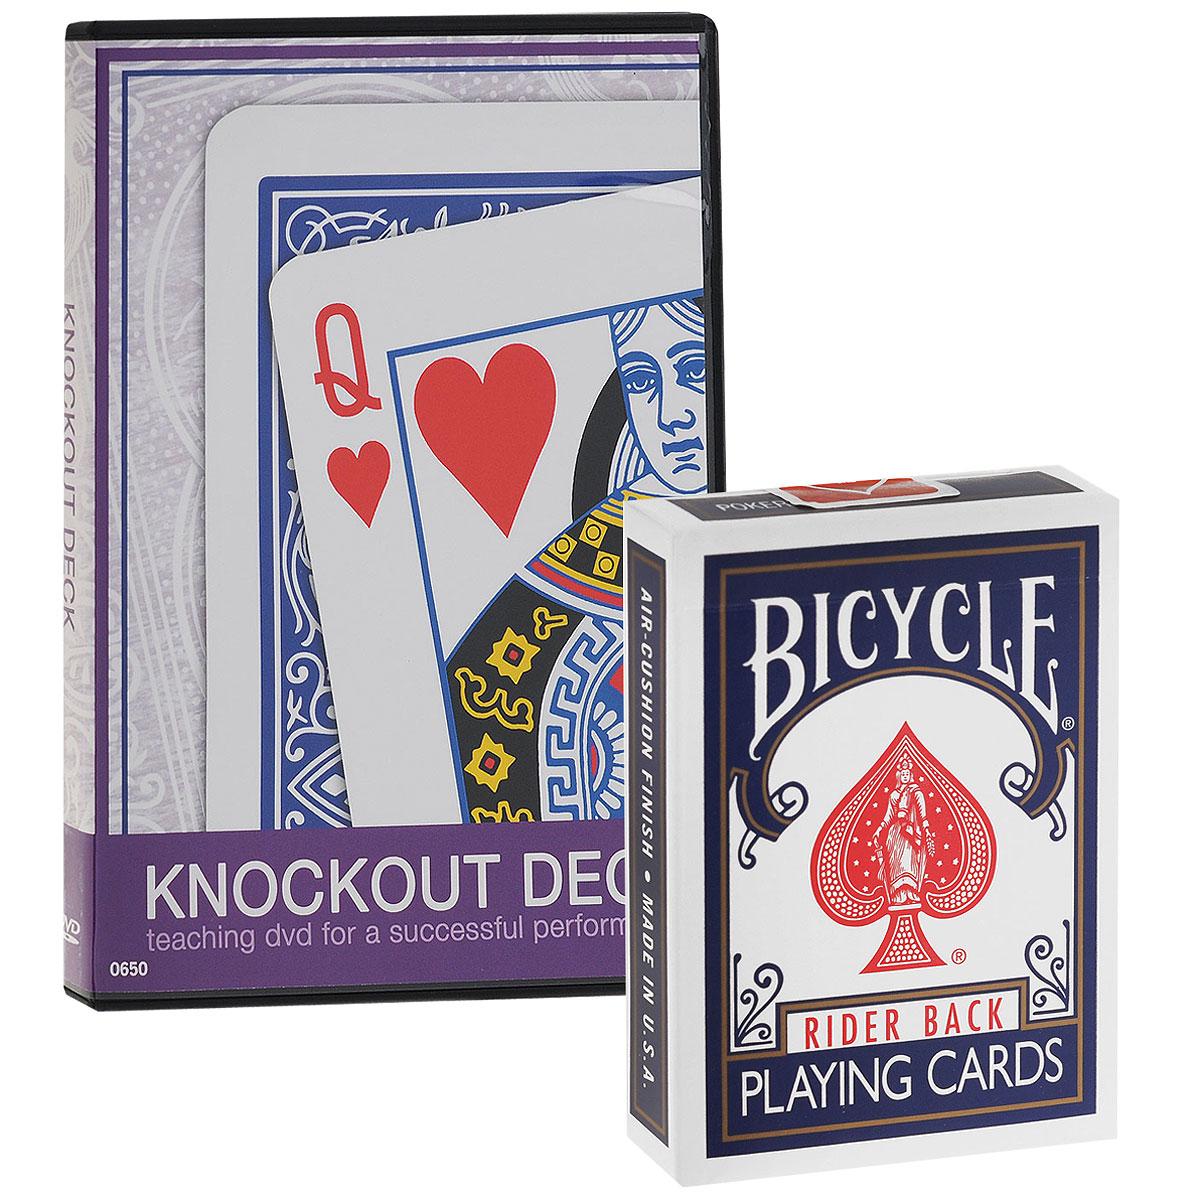 Карты для фокусов Bicycle Knockout Deck, цвет: синий, красный, белый, 56 штук + обучающий DVD650Карты для фокусов Bicycle Knockout Deck изготовлены из картона с пластиковым покрытием. Колода имеет классический покерный размер и дизайн, создана на основе колоды Bicycle Standard, поэтому они ни внешним видом, ни на ощупь, не отличаются от игральной колоды. С ними вы сможете совершенствовать свое мастерство и удивлять друзей и коллег. С этой колодой вы сможете выполнить великолепный фокус! Исполнитель показывает обычную колоду Bicycle. Все карты в ней разные. Затем зритель выбирает любую карту из колоды, сказав стоп во время пролистывания. Никакого форсирования. После нескольких магических пассов над колодой все карты превращаются в выбранную зрителем. Можно раскрыть их лентой на столе, чтобы все убедились в том, что абсолютно все карты превратились. В наборе обучающий DVD диск, в котором для вас раскроют все секреты фокуса Bicycle Knockout Deck. Диск на английском языке.